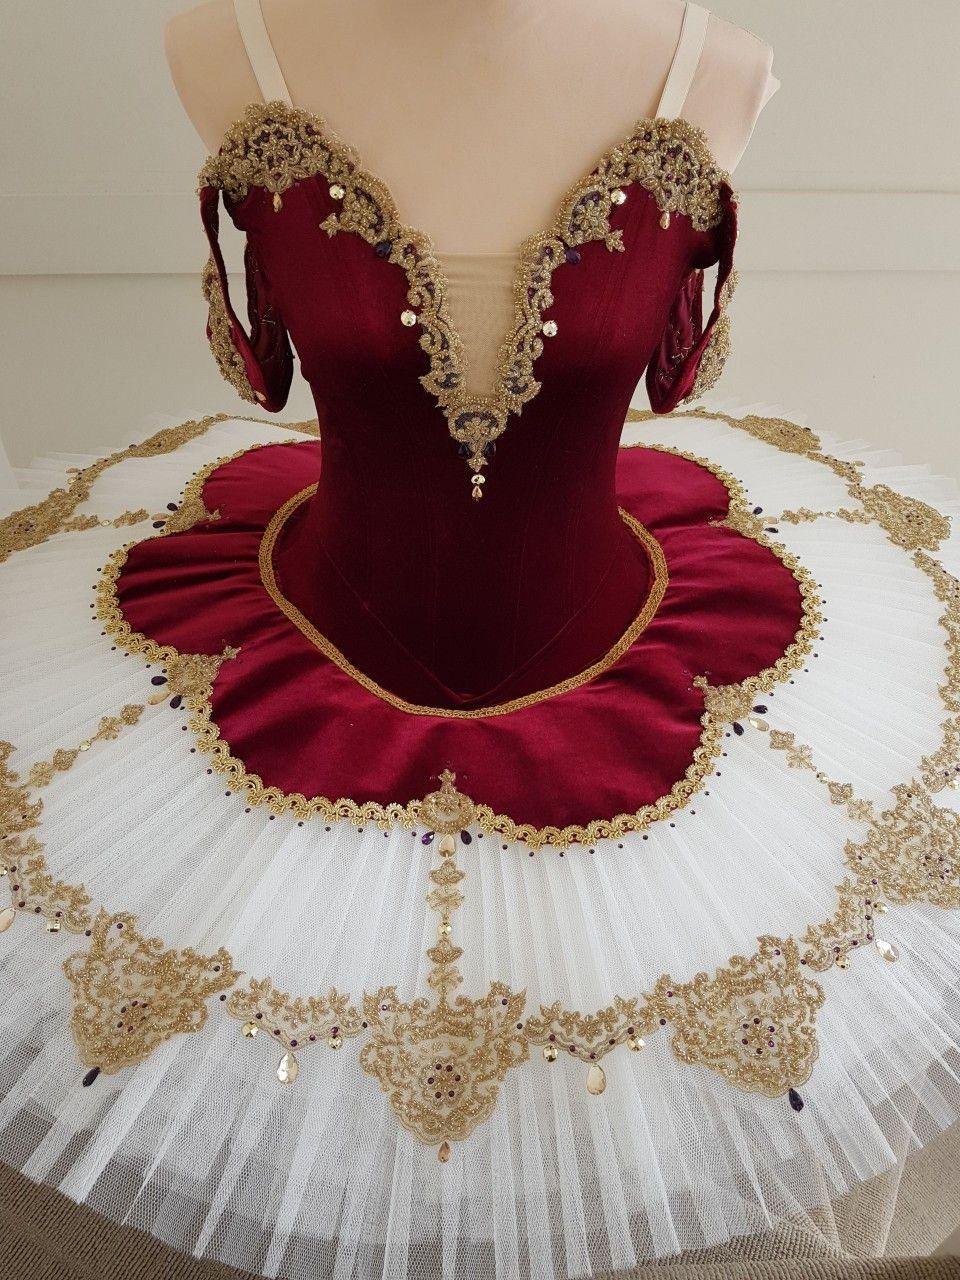 Gorgeous Wine And Ivory Tutu With Gold Decorations Www Jetutus Com Au Con Imagenes Ropa De Danza Ropa De Ballet Trajes De Ballet